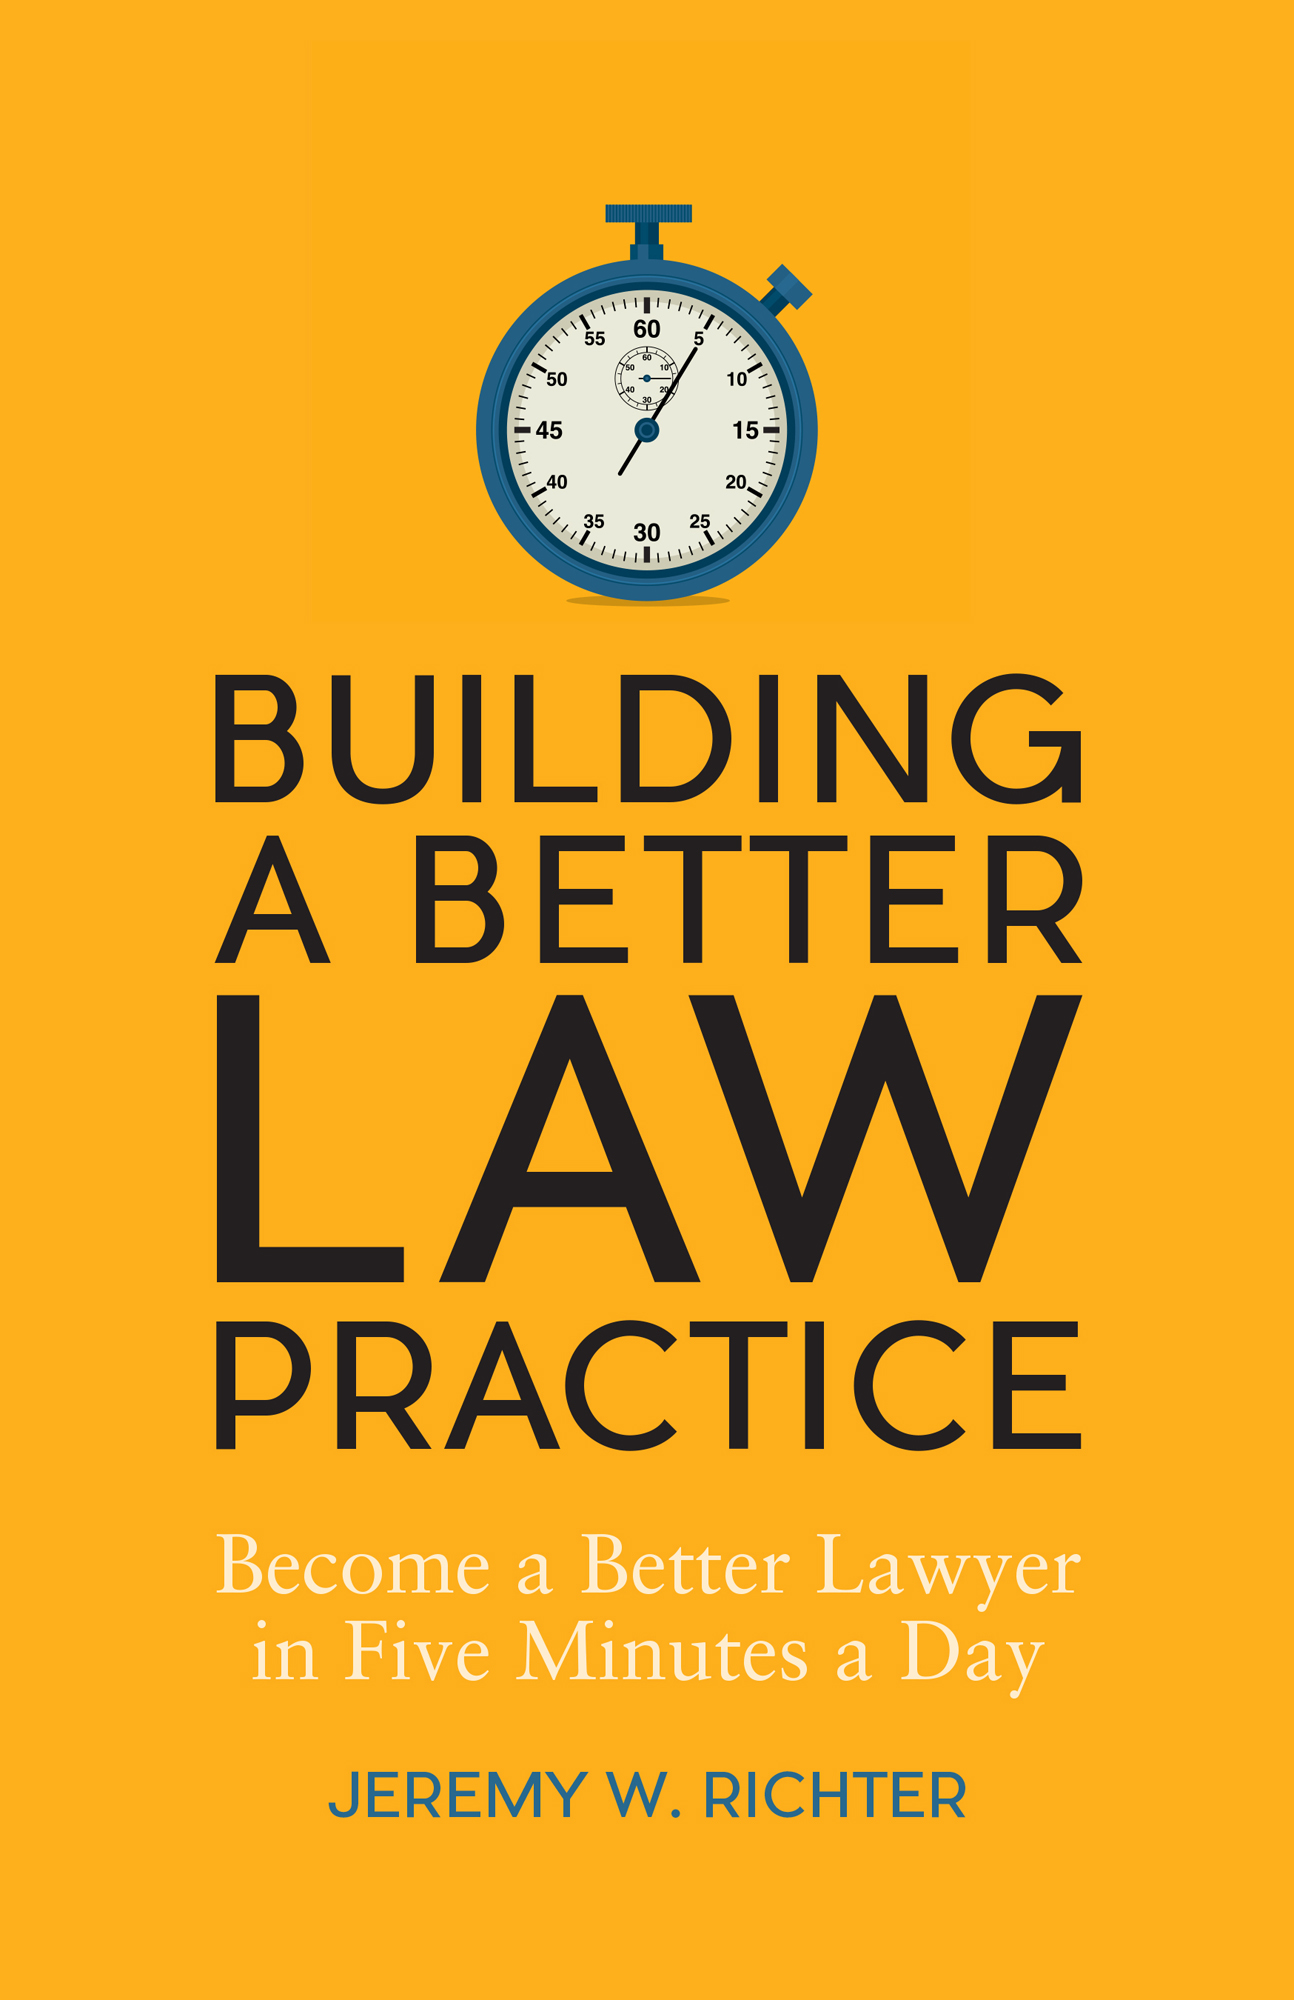 Jeremy W. Richter | Building a Better Law Practice